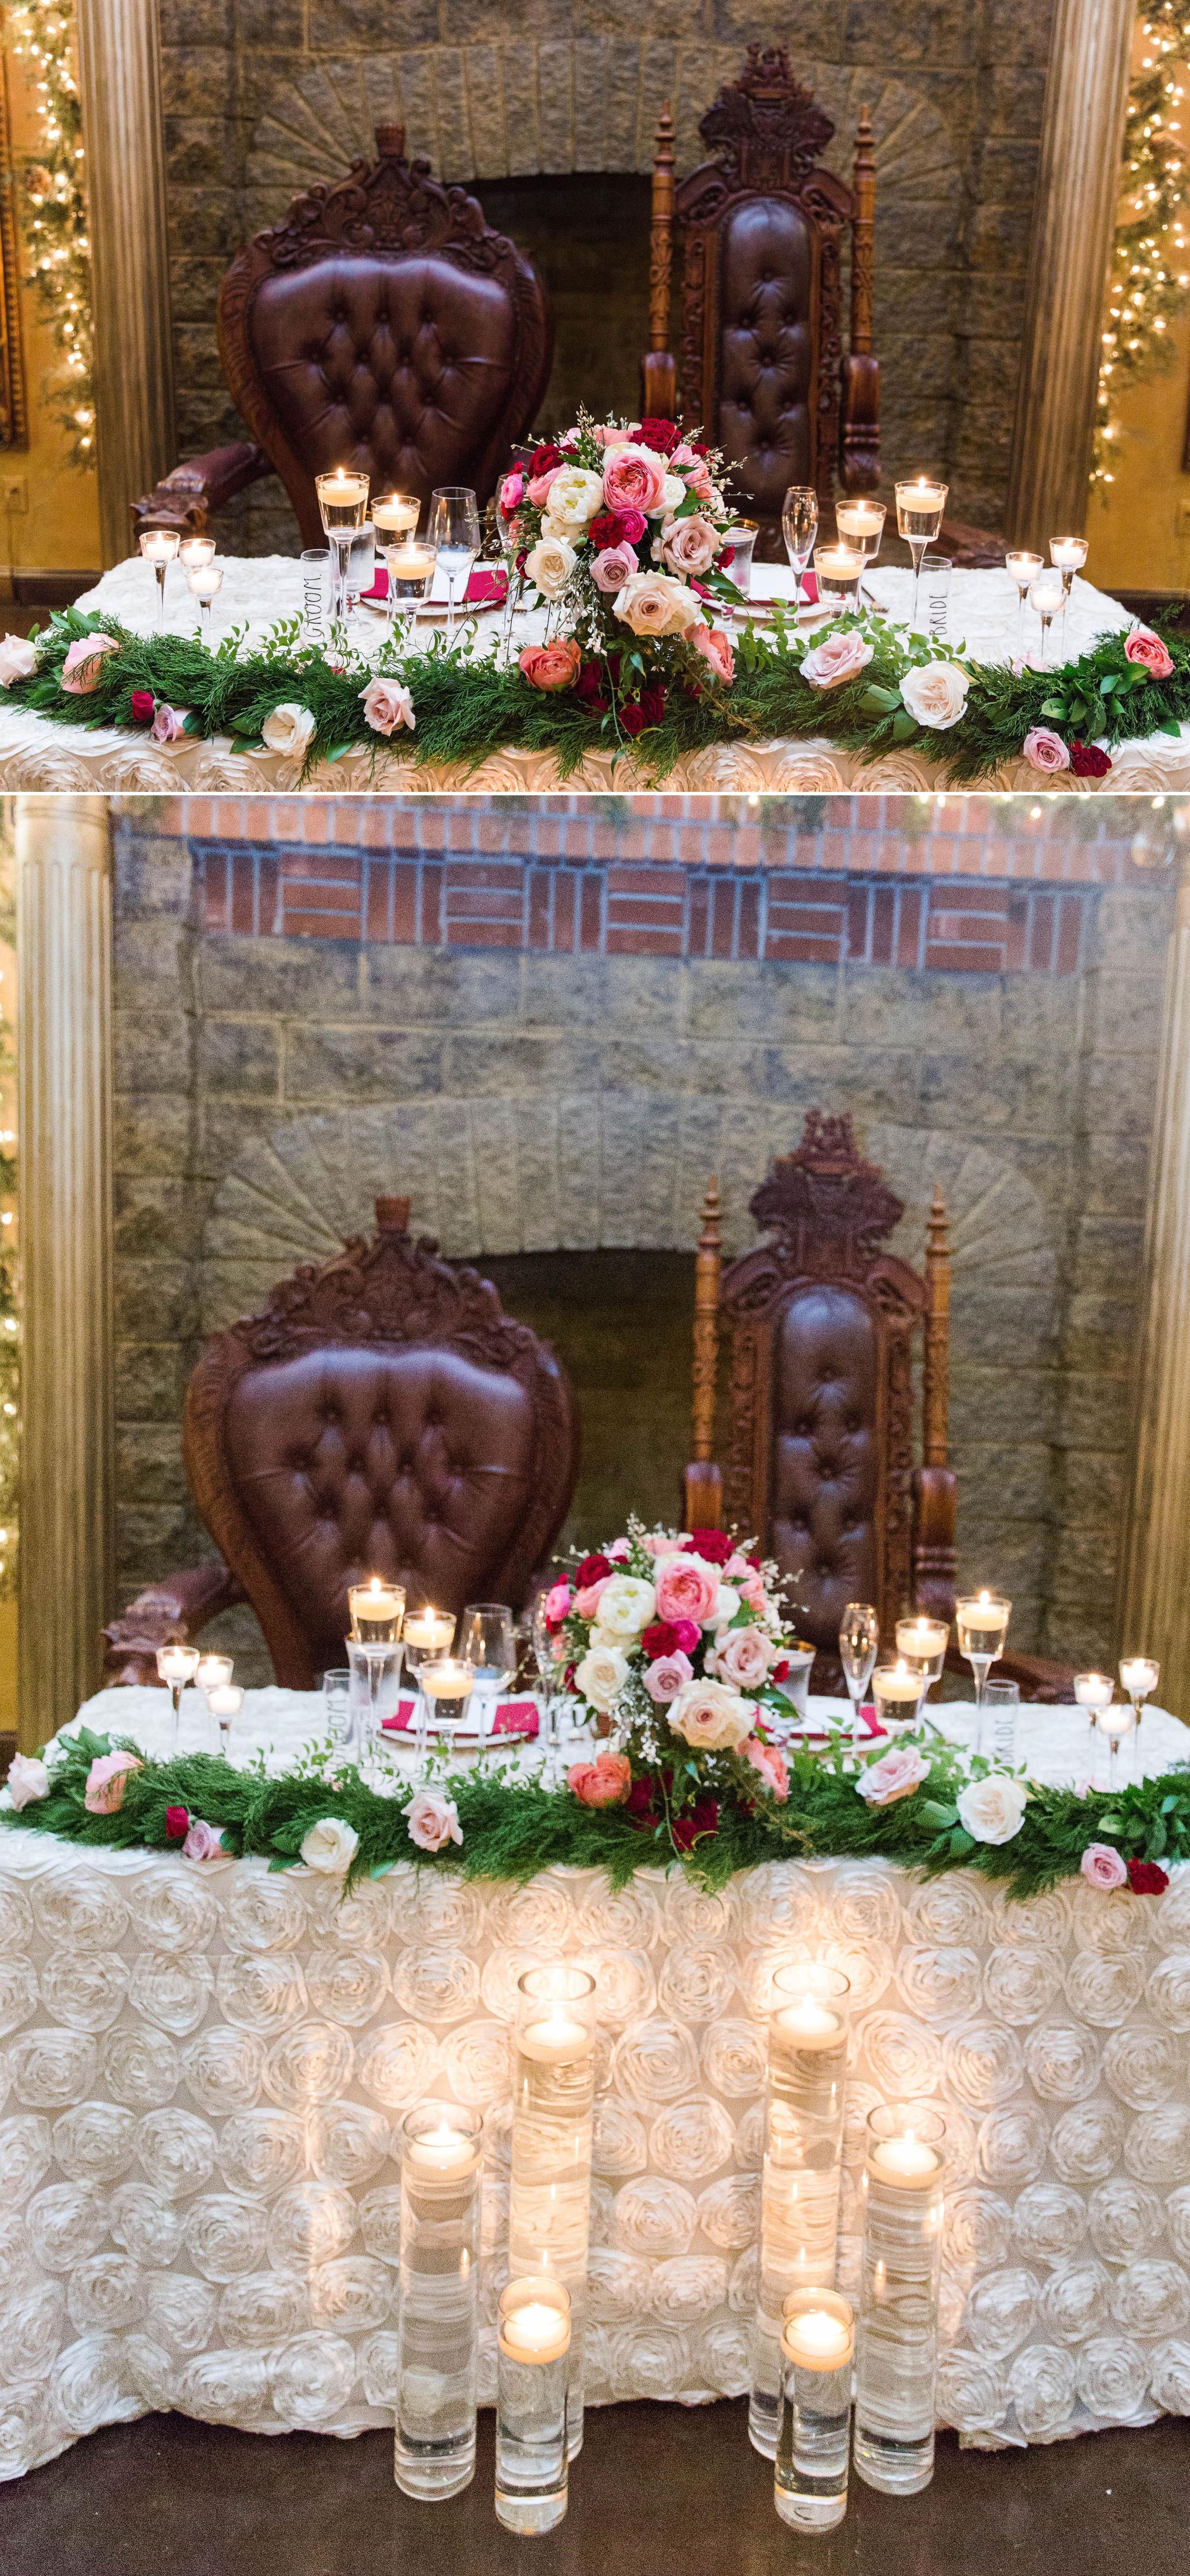 Sweetheart table details - - Honolulu Oahu Hawaii Wedding Photographer